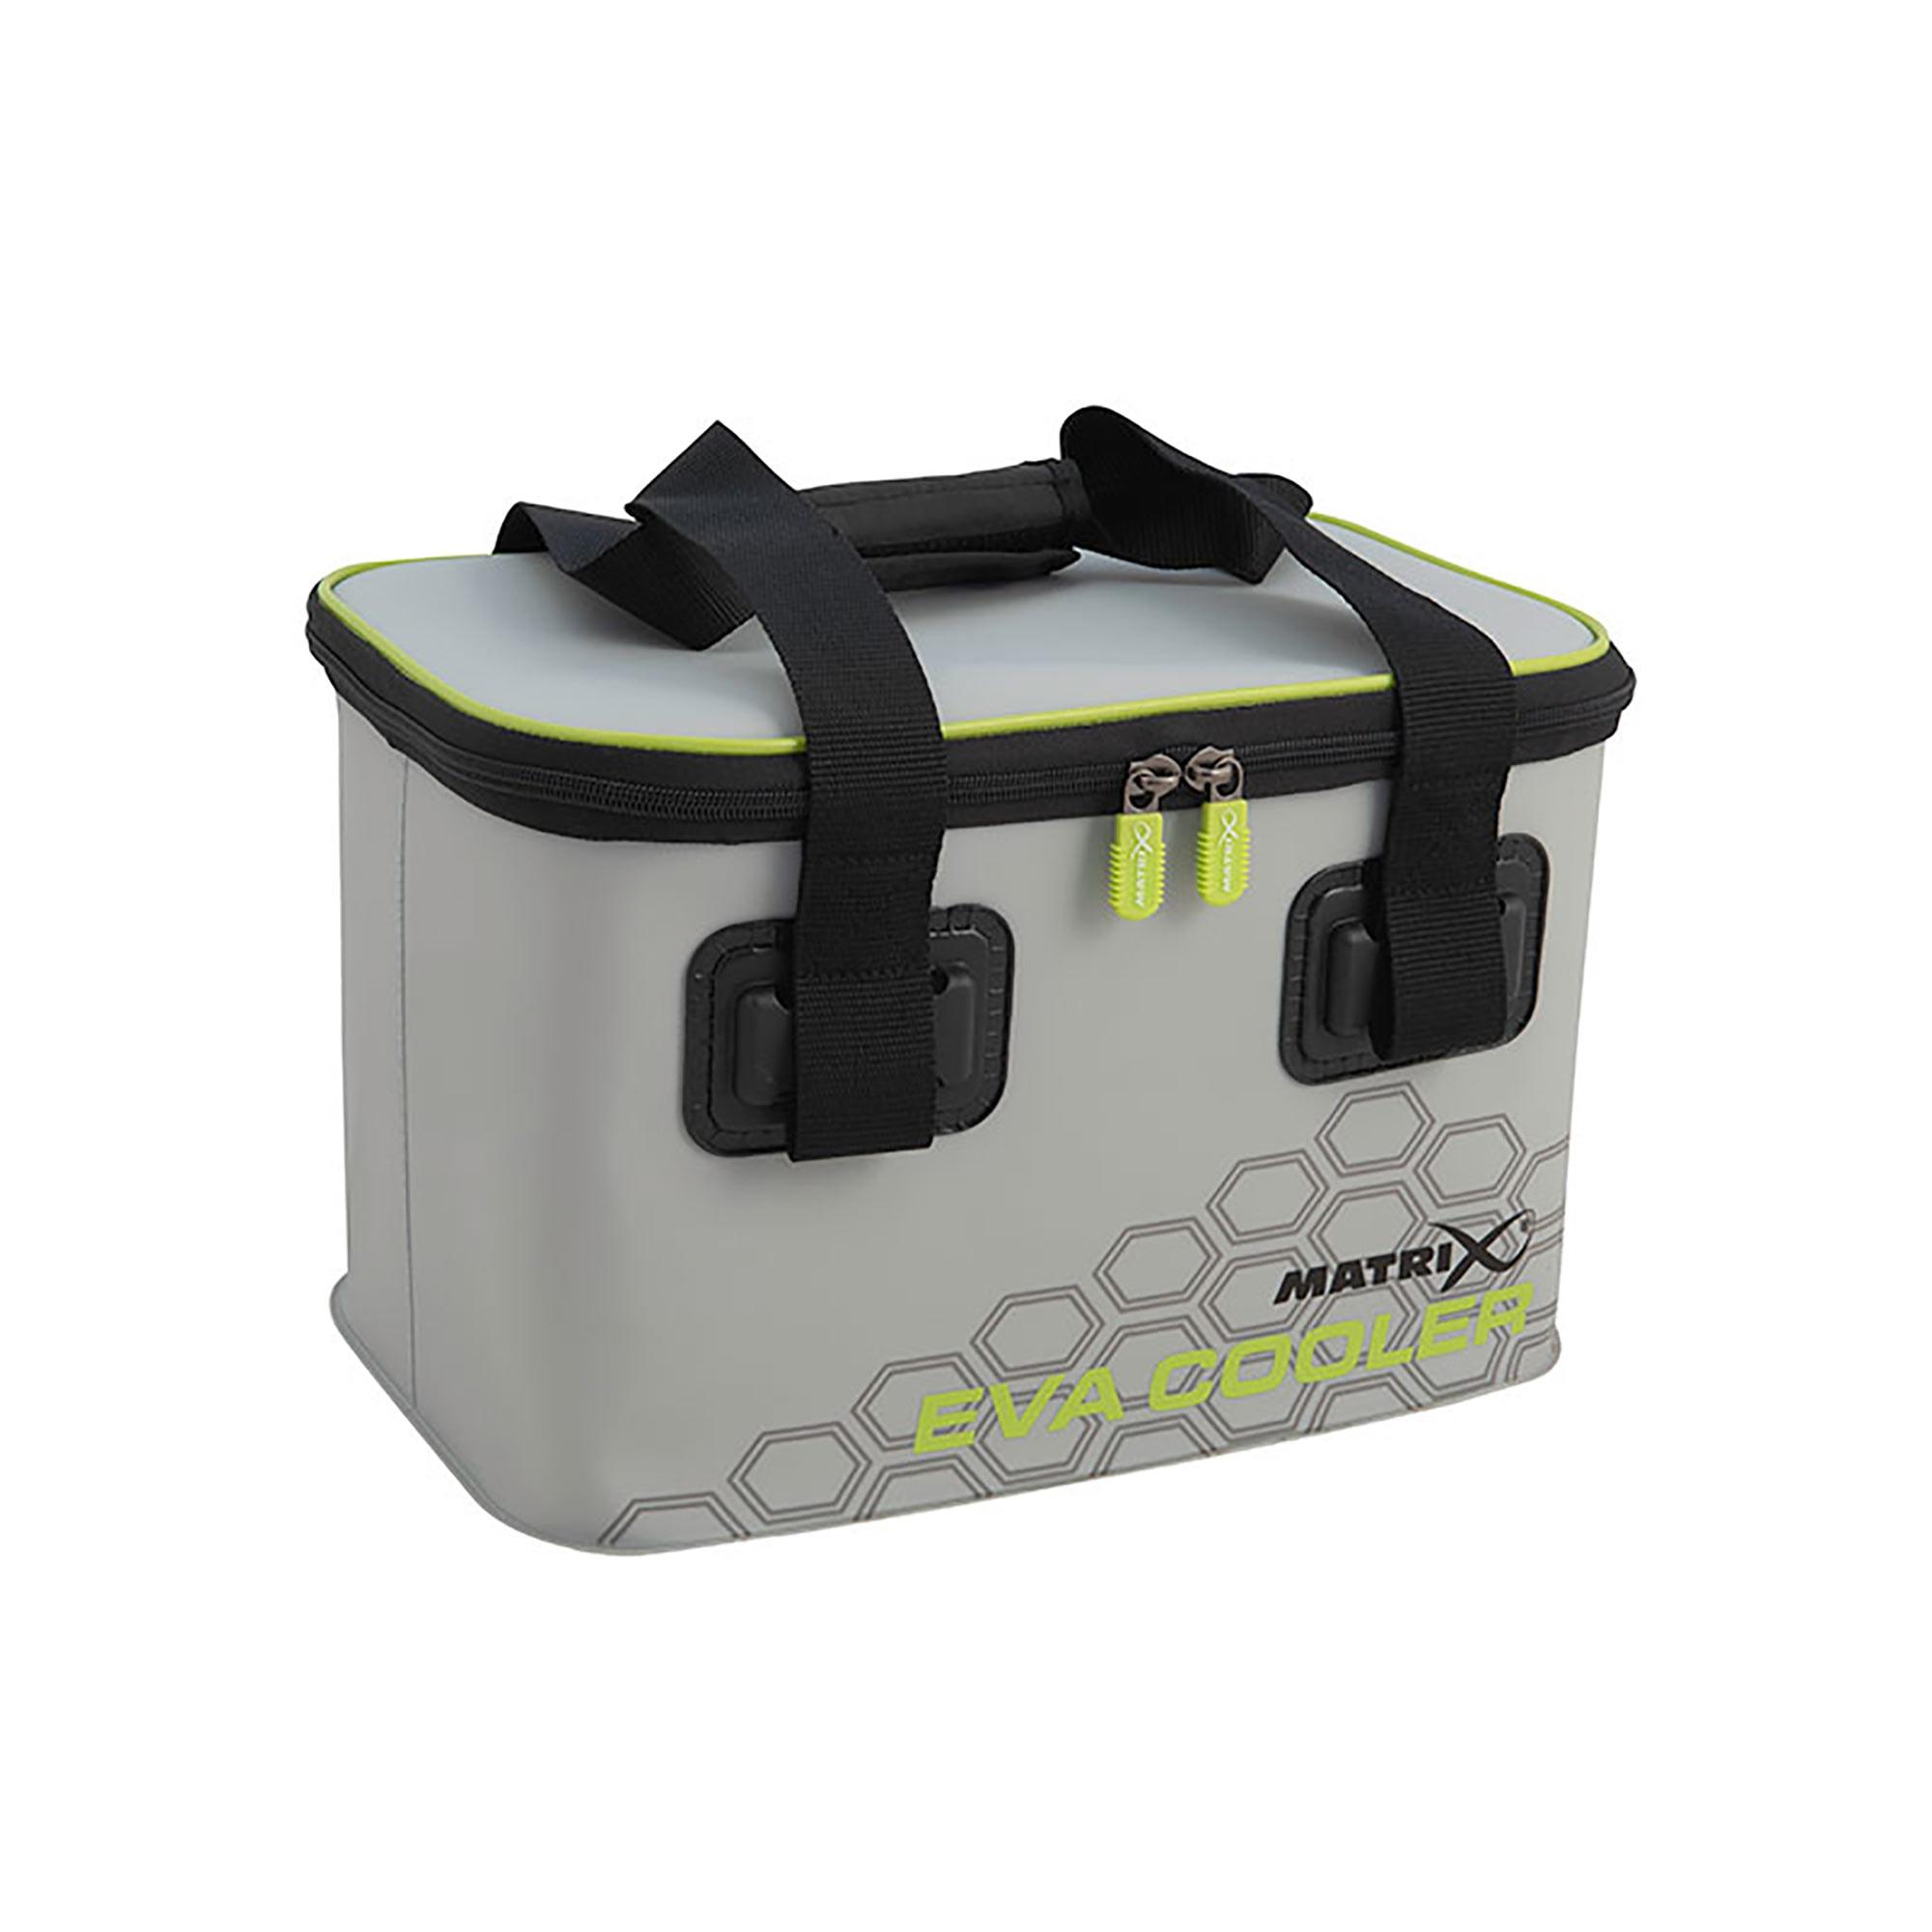 Borsa Termica Grey EVA Cooler Bag - MATRIX (35x24x22 cm)